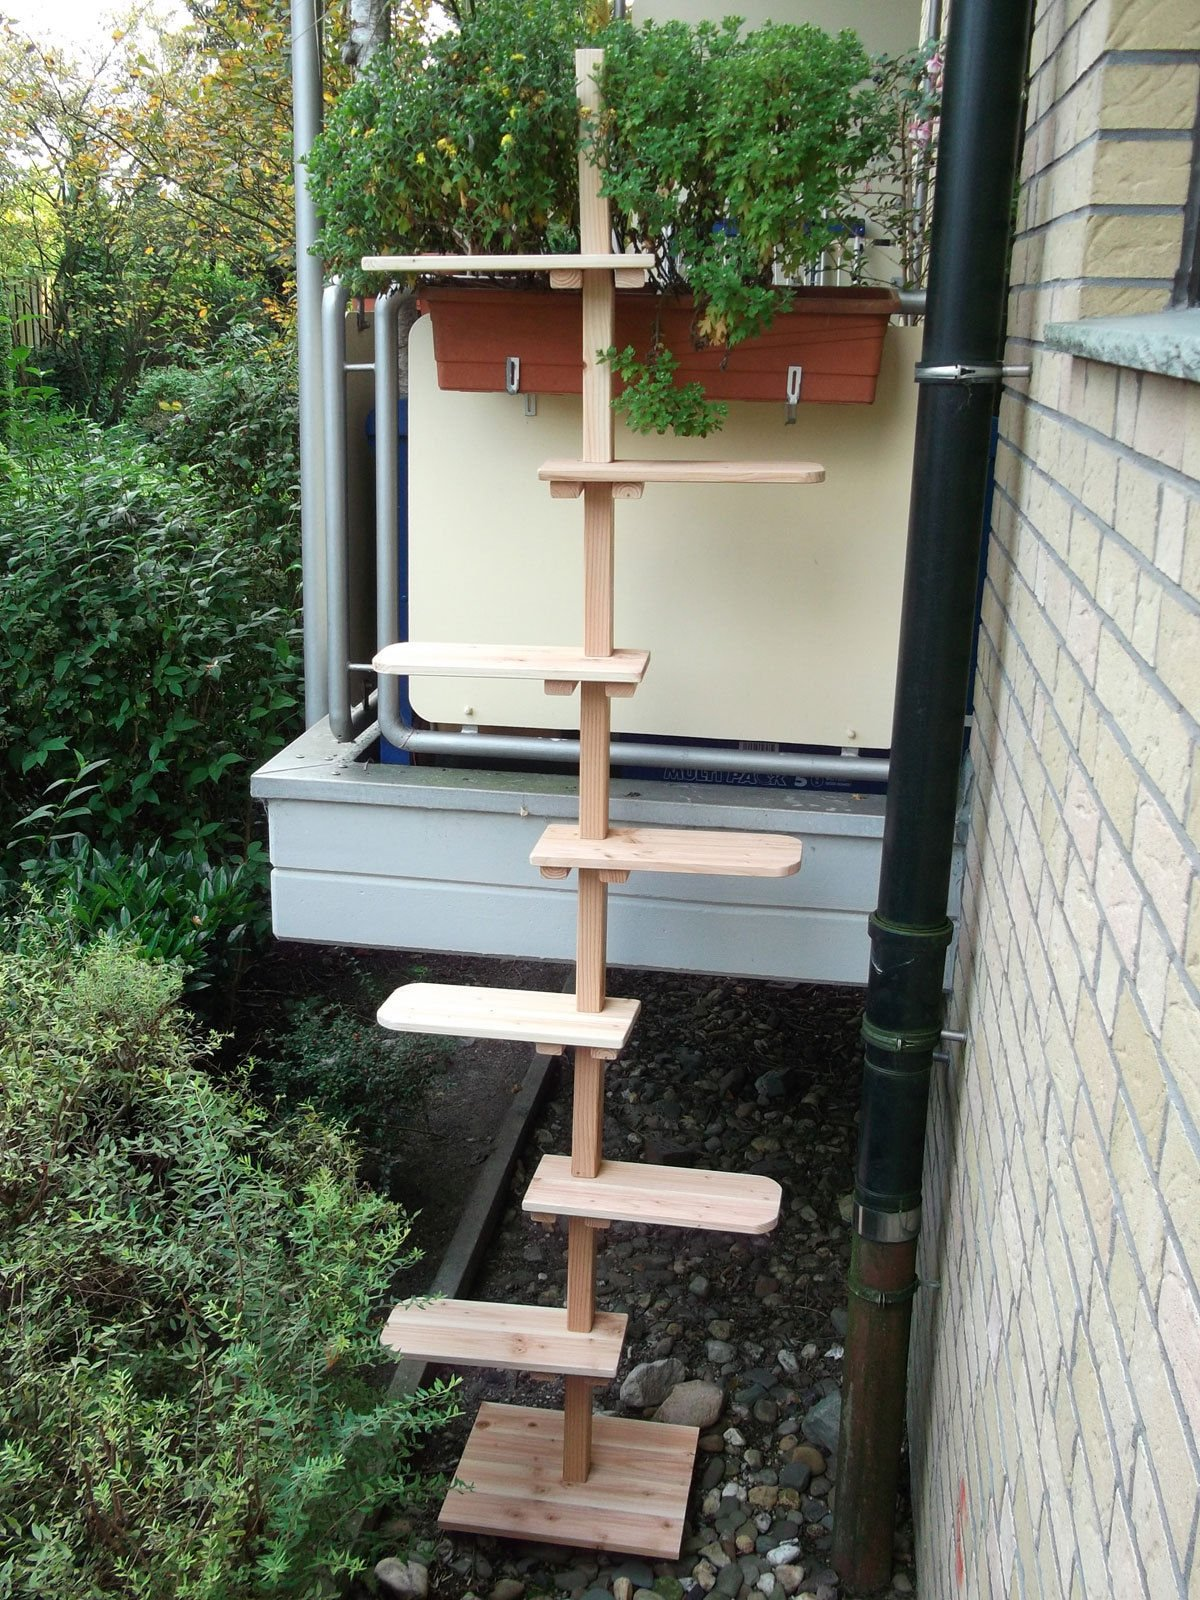 Gato Escaleras/Gato Escalera de jardín madera maciza para balcón: Amazon.es: Productos para mascotas